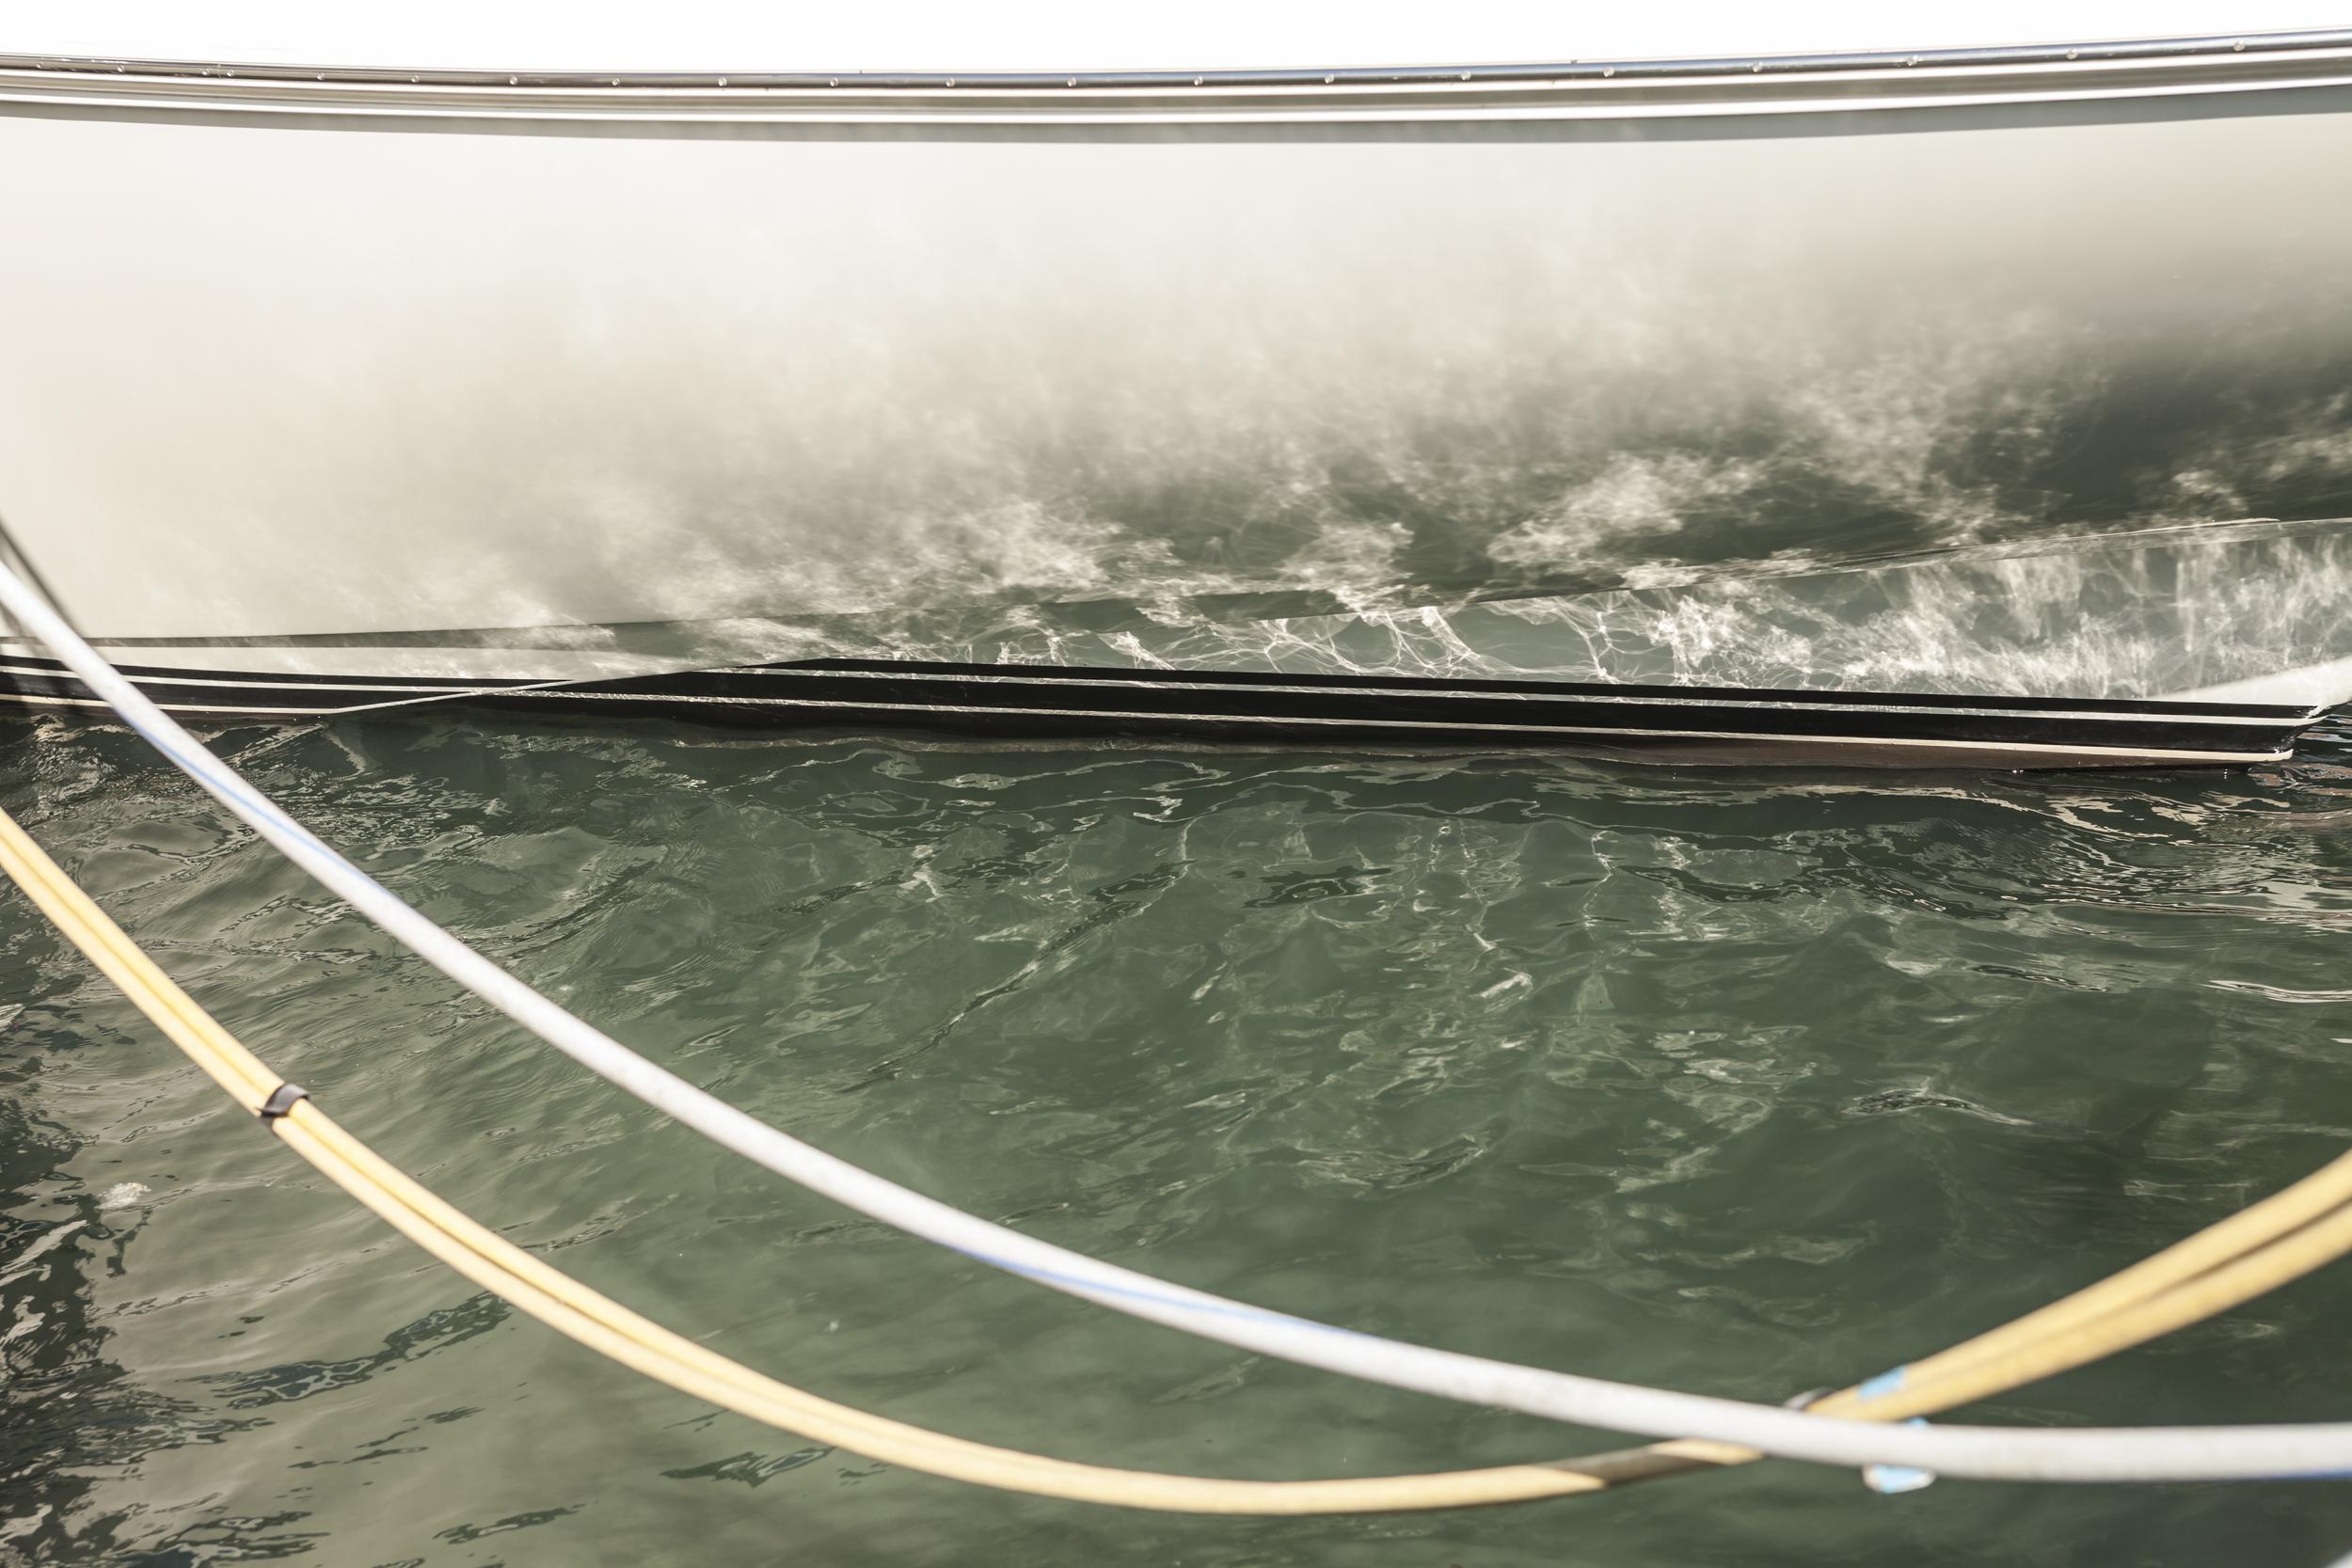 Yachts_1.JPG